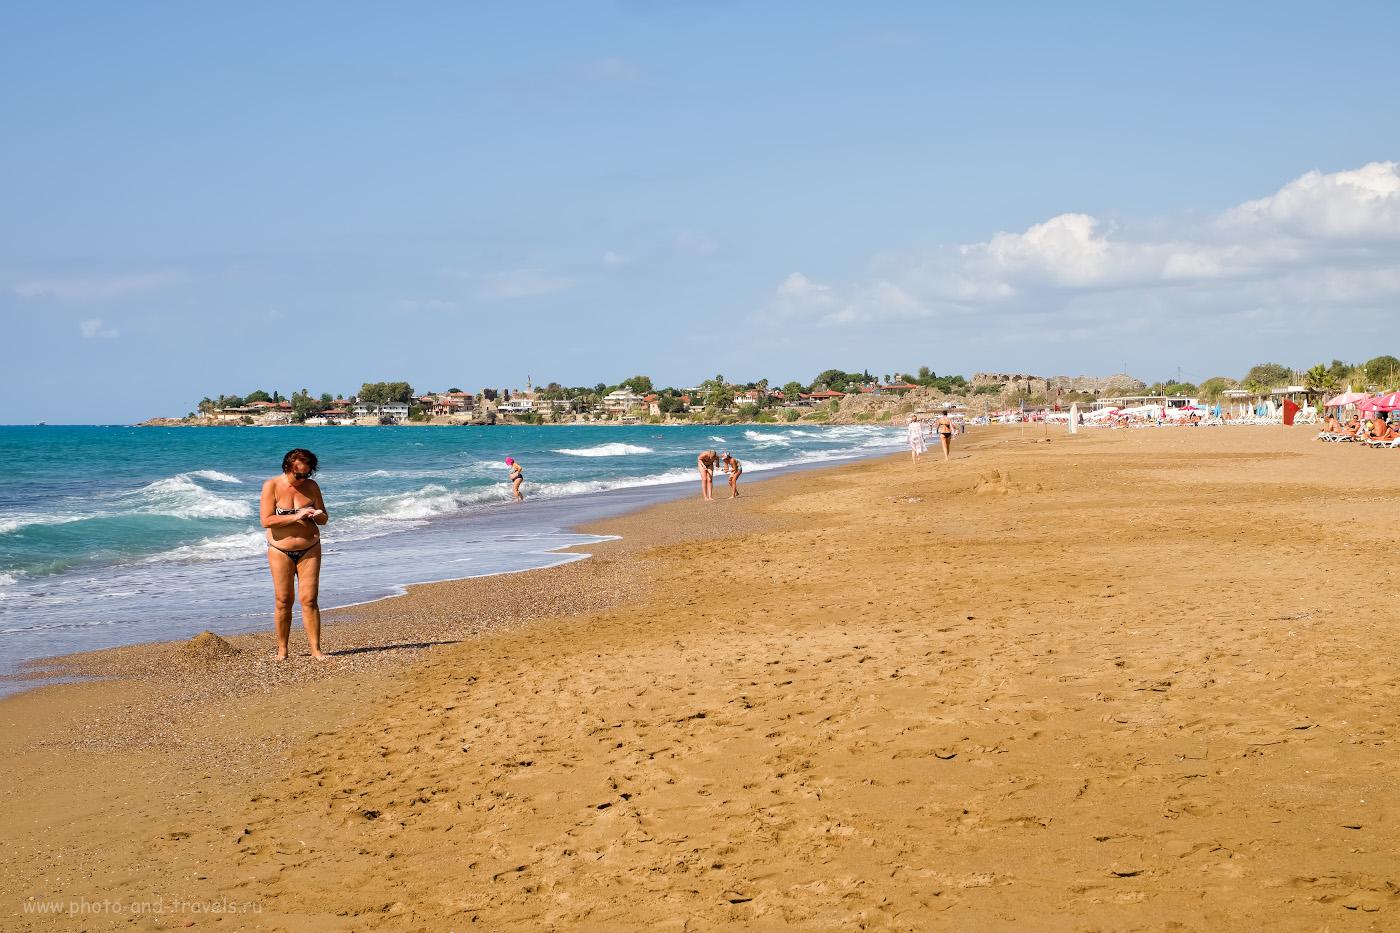 Фото. Так выглядит общественный Восточный пляж в Сиде. Дышать здесь уже полегче, чем на пляже при отеле.